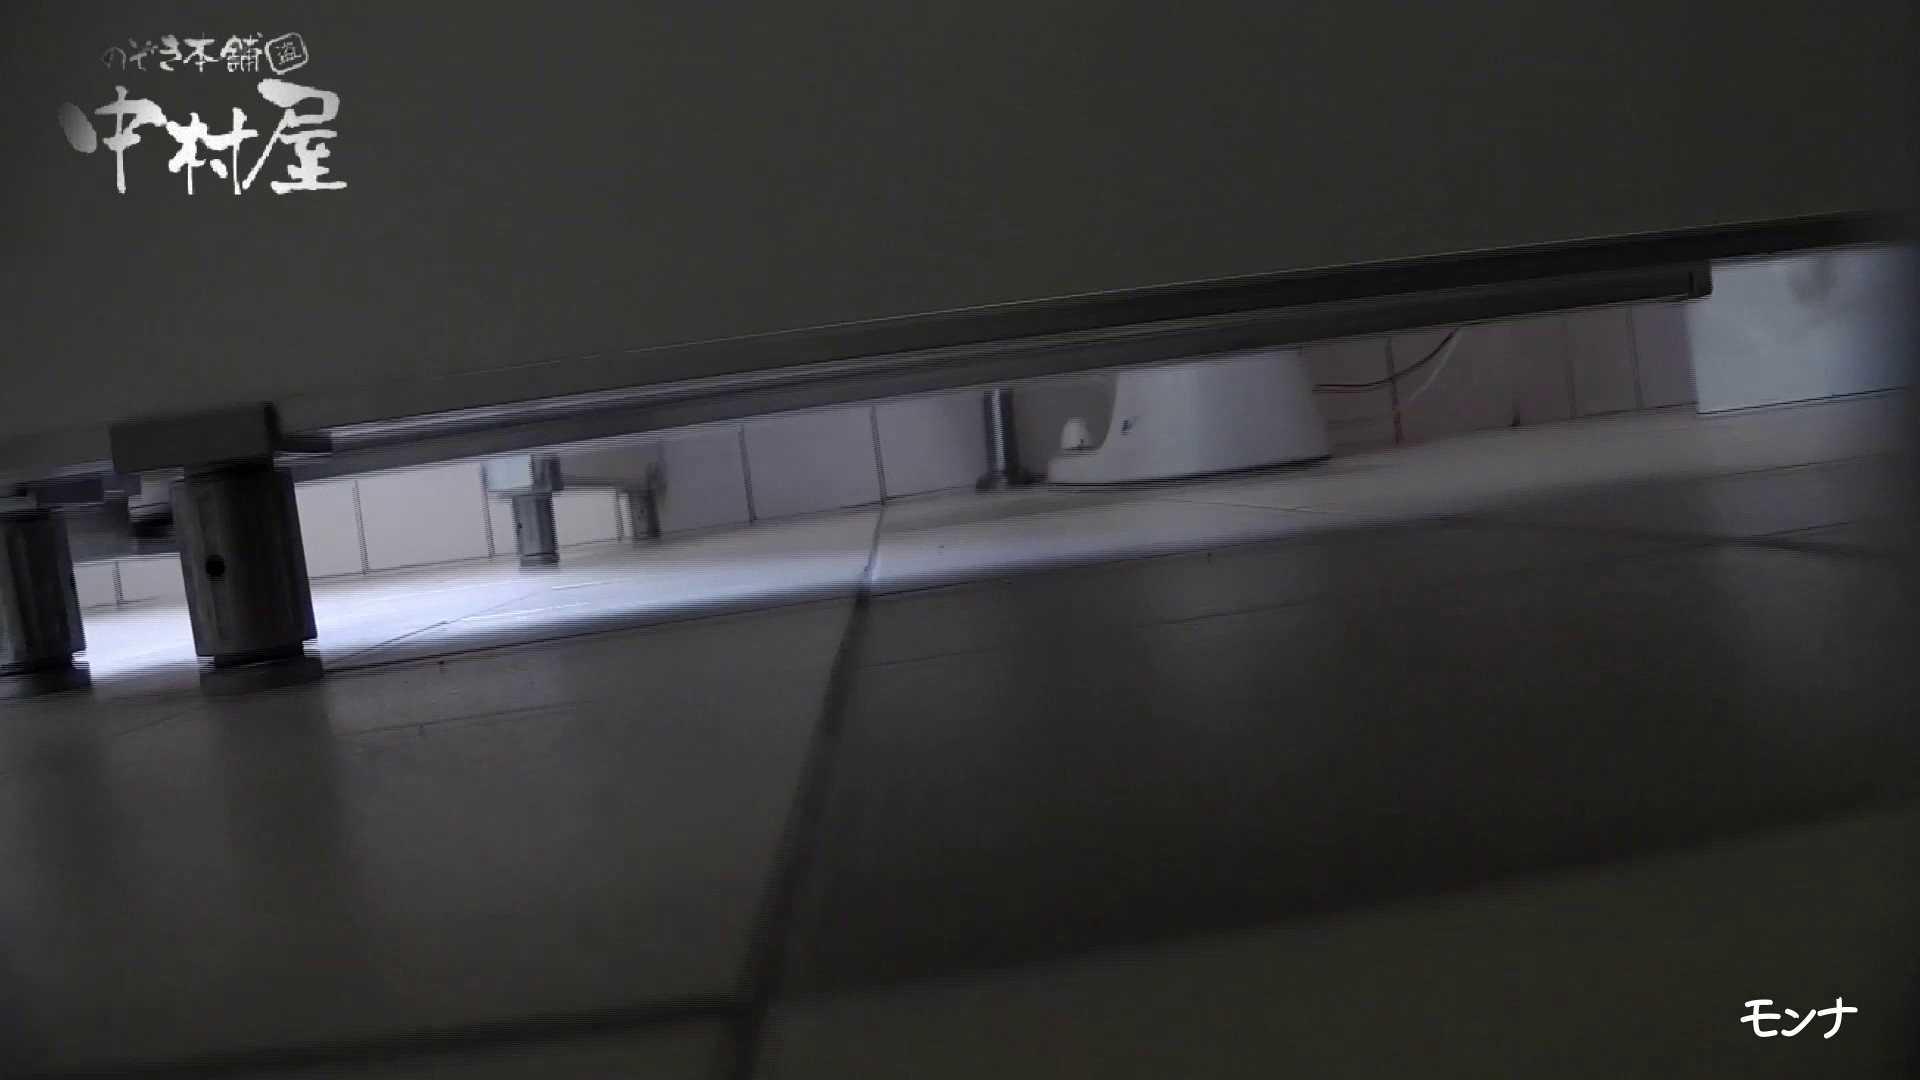 【美しい日本の未来】美しい日本の未来 No.38 久しぶり、復活しようかなあ?^^ by モンナ 覗き 性交動画流出 83枚 4